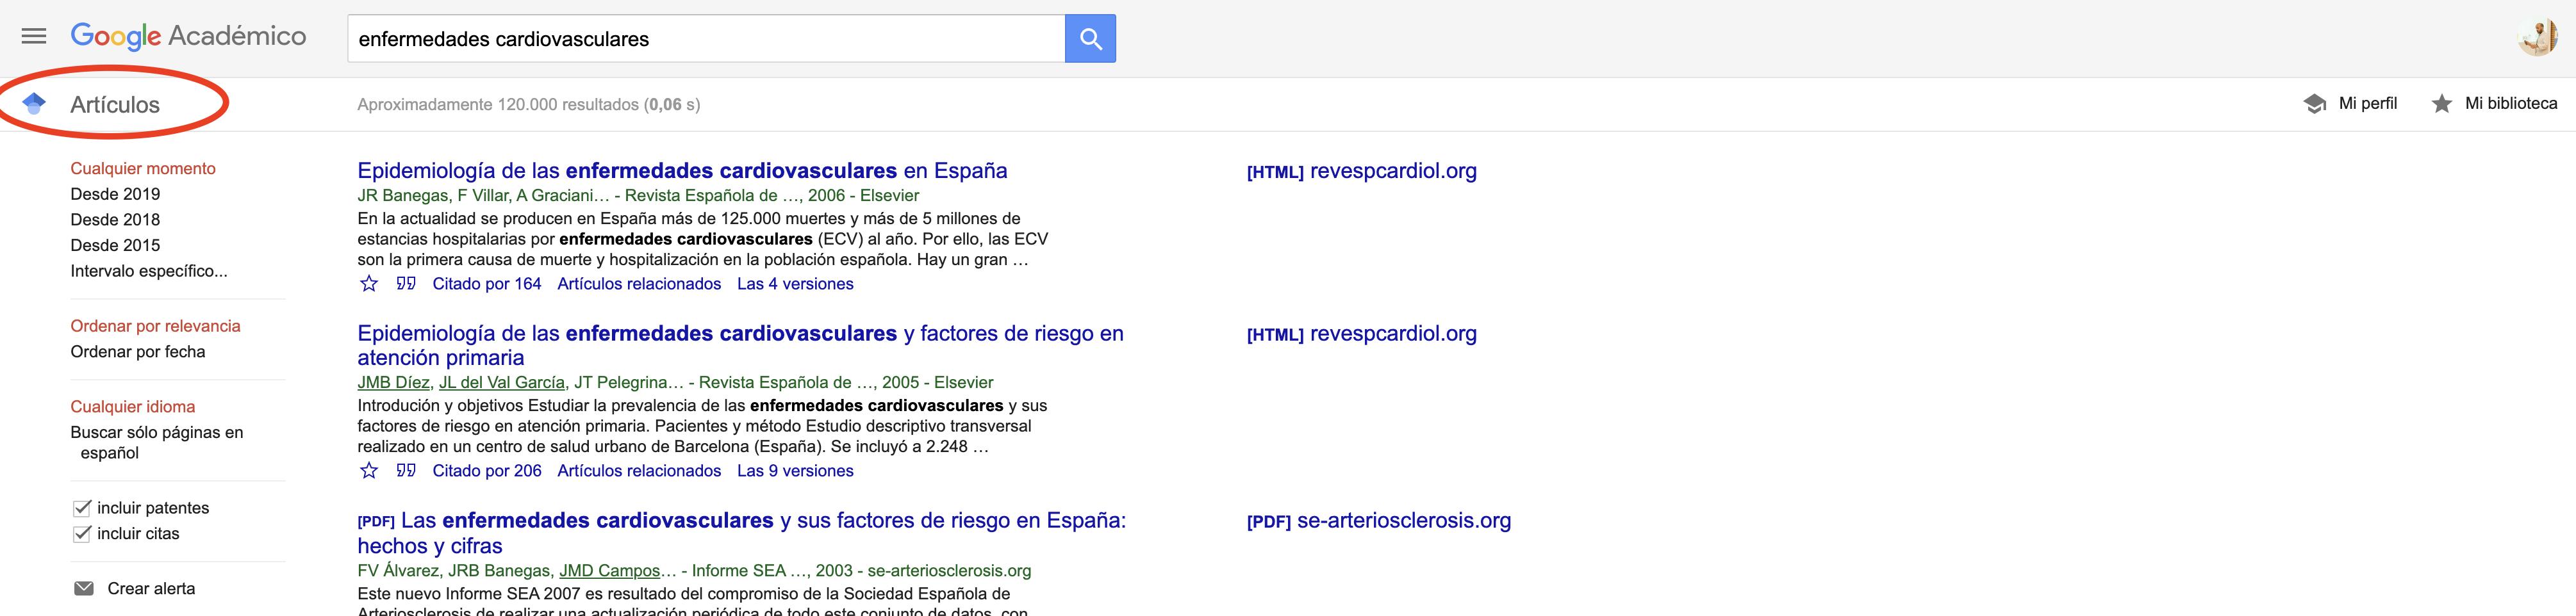 Búsqueda avanzada en Google - Google Académico